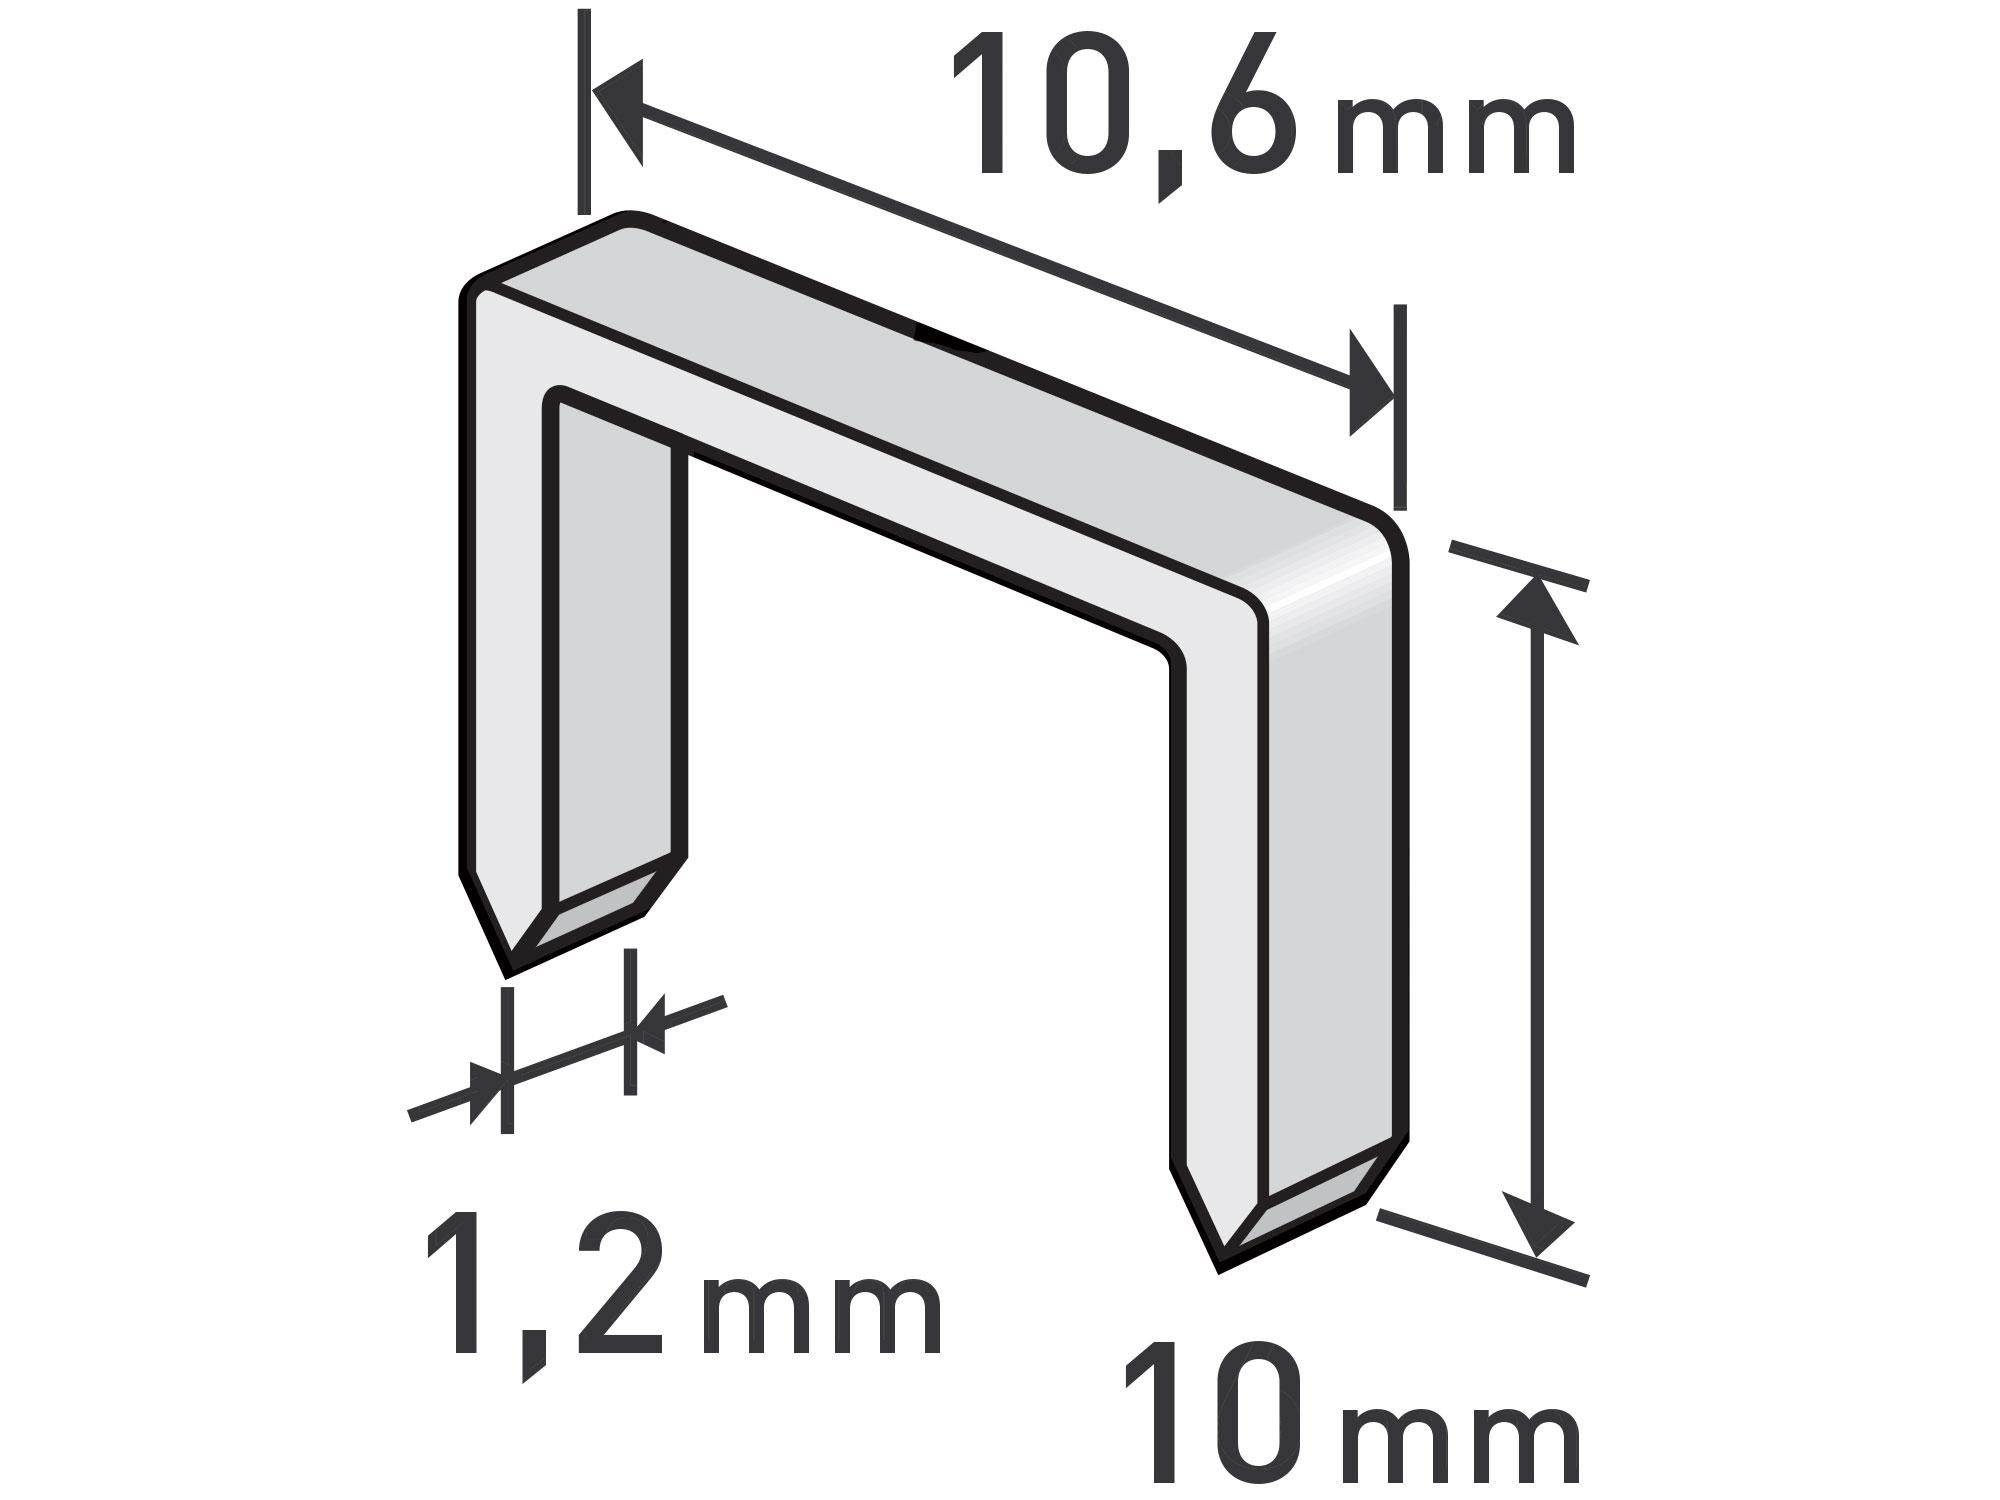 spony, balení 1000ks, 10mm, 10,6x0,52x1,2mm